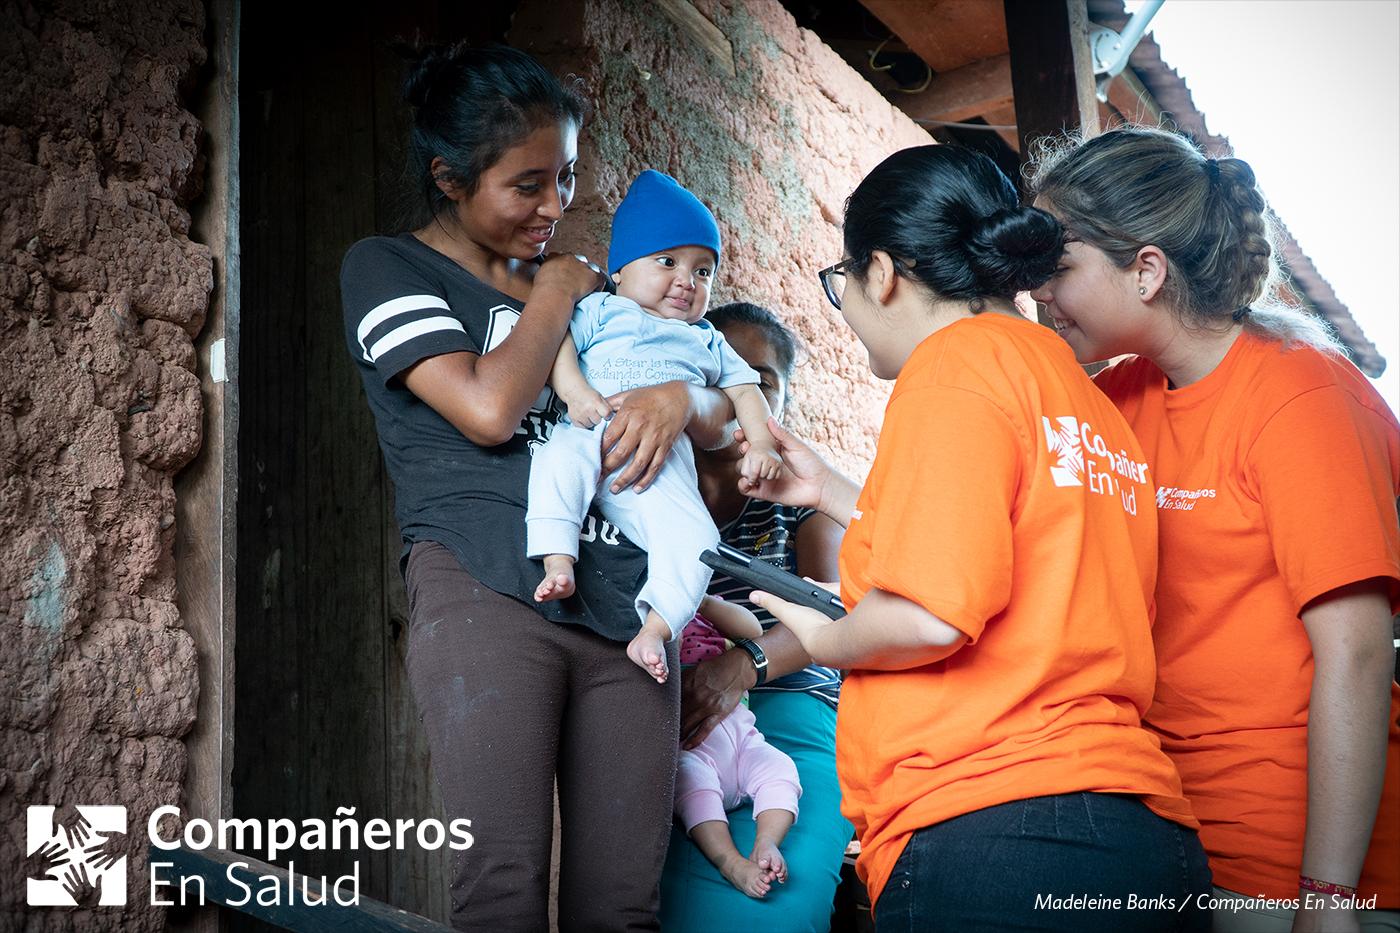 En cada casa, piden permiso para realizar encuestas de salud a cada miembro de la familia.  Foto: Doña Araceli y su hijo Arley reciben a las estudiantes de medicina, Karen Yunuen y Gala Limón Saldivar, en su casa.